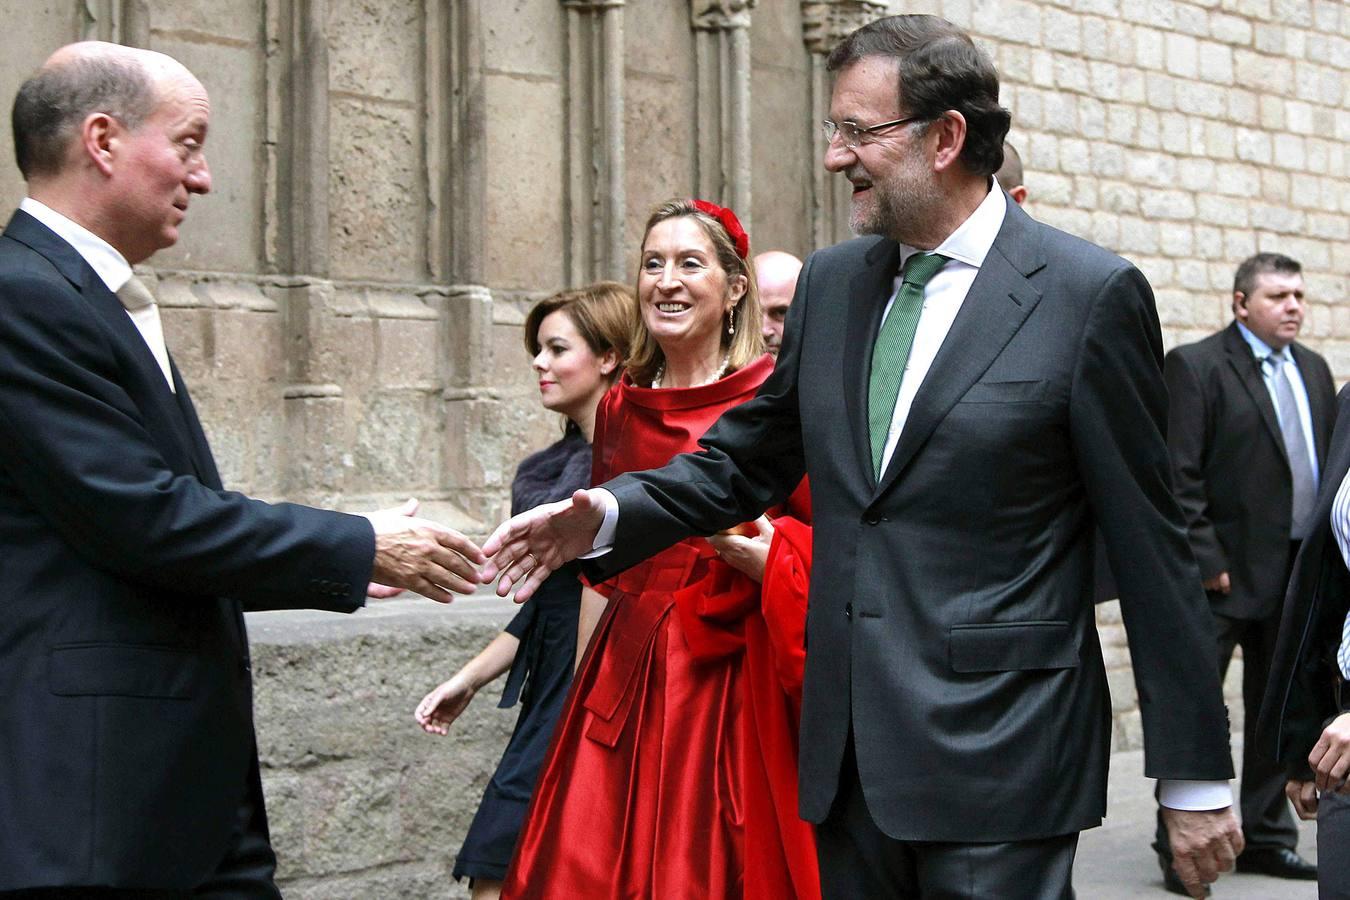 Una boda de alto nivel